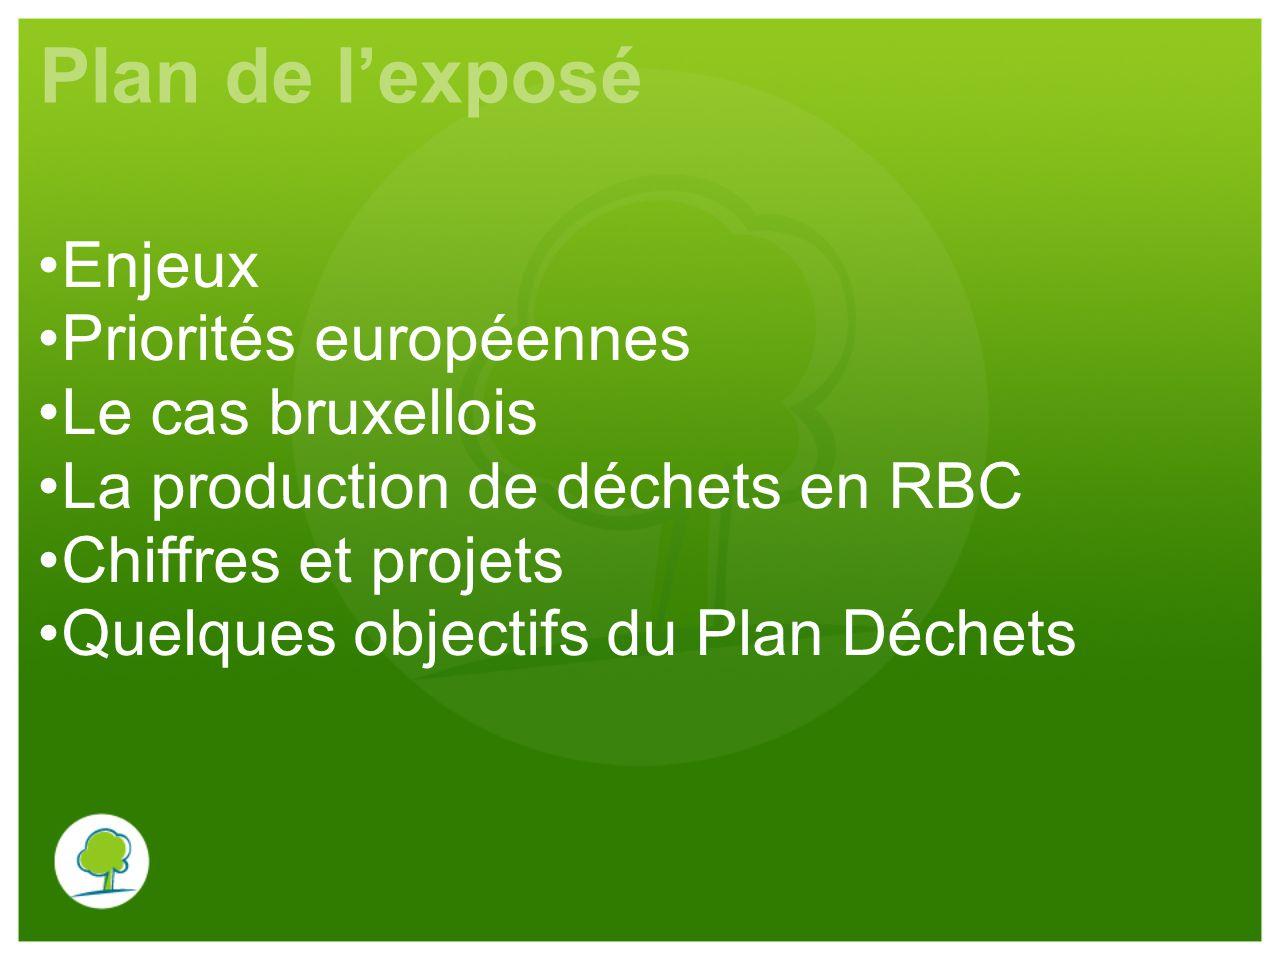 Plan de l'exposé Enjeux Priorités européennes Le cas bruxellois La production de déchets en RBC Chiffres et projets Quelques objectifs du Plan Déchets